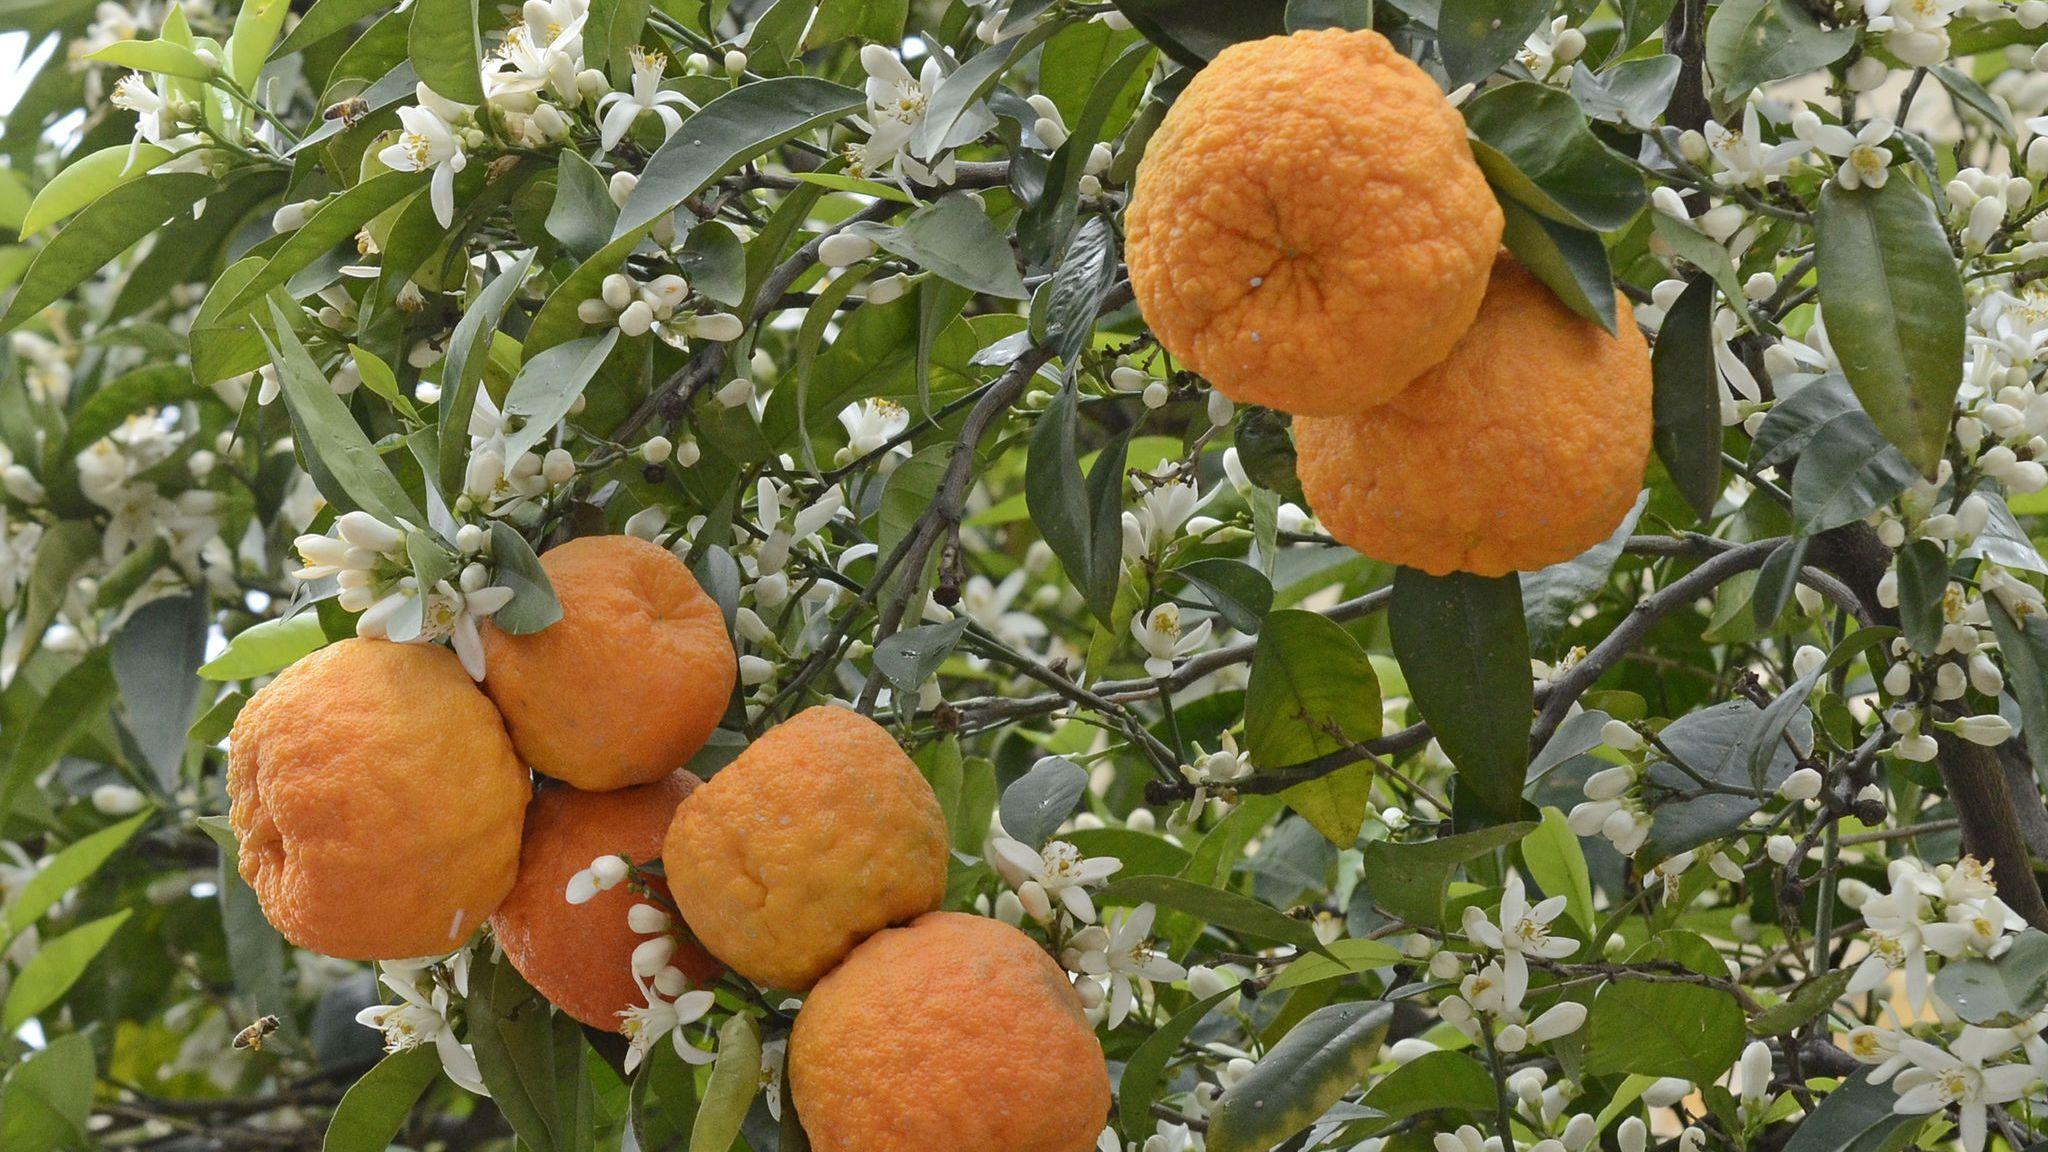 Νερολί: έλαιο από άνθη νεραντζιάς